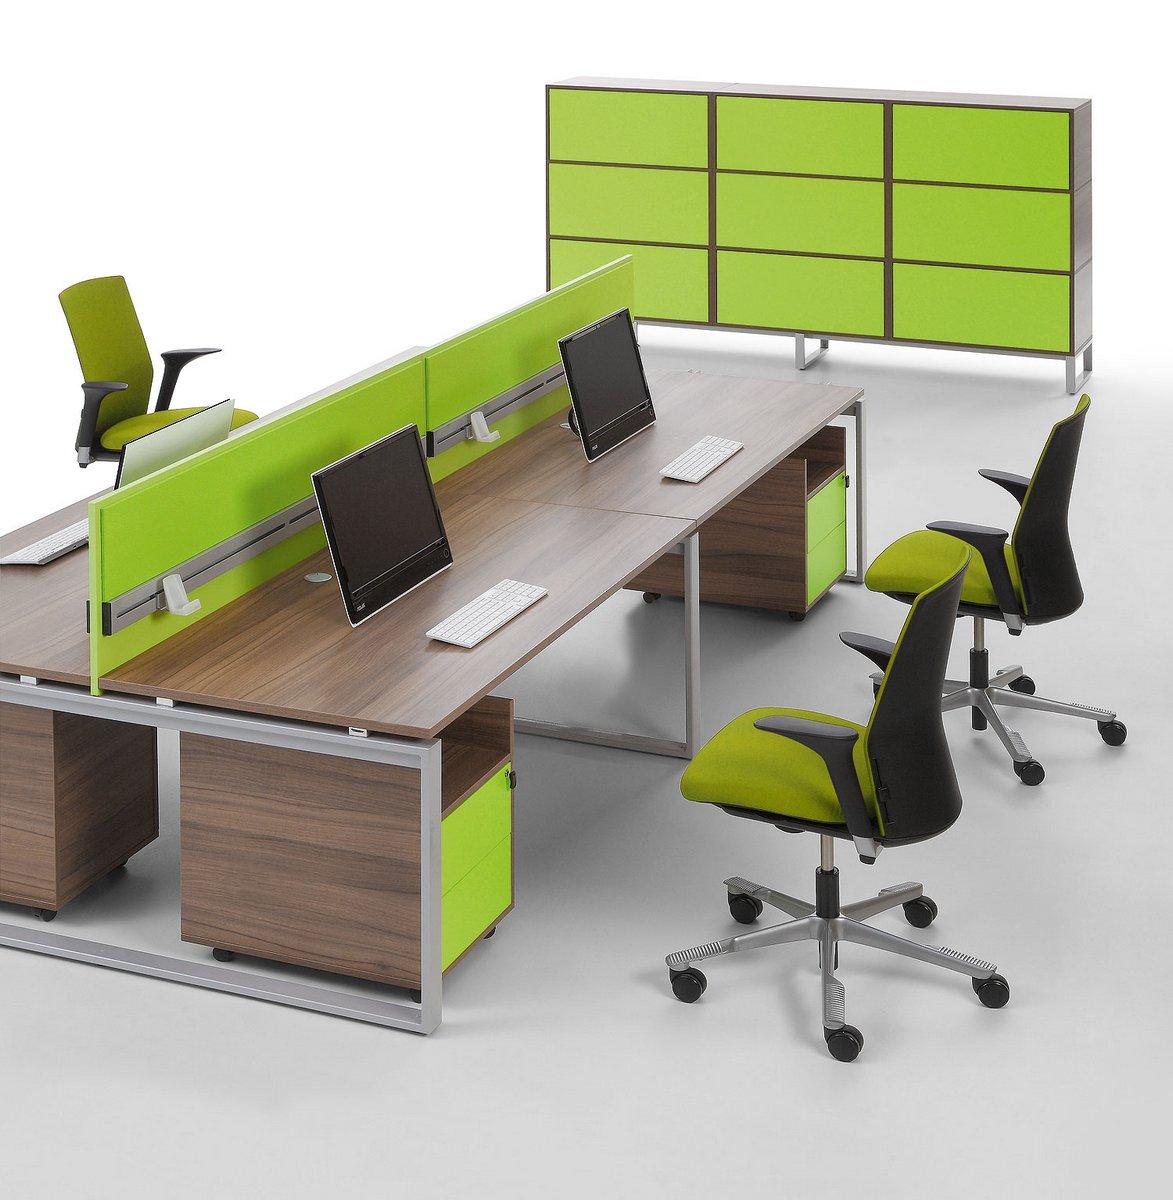 System mebli biurowych Pluris biurka typu bench z podwójnym blatem zielona ścianka działowa pomiędzy biurkami  szafa biurowa